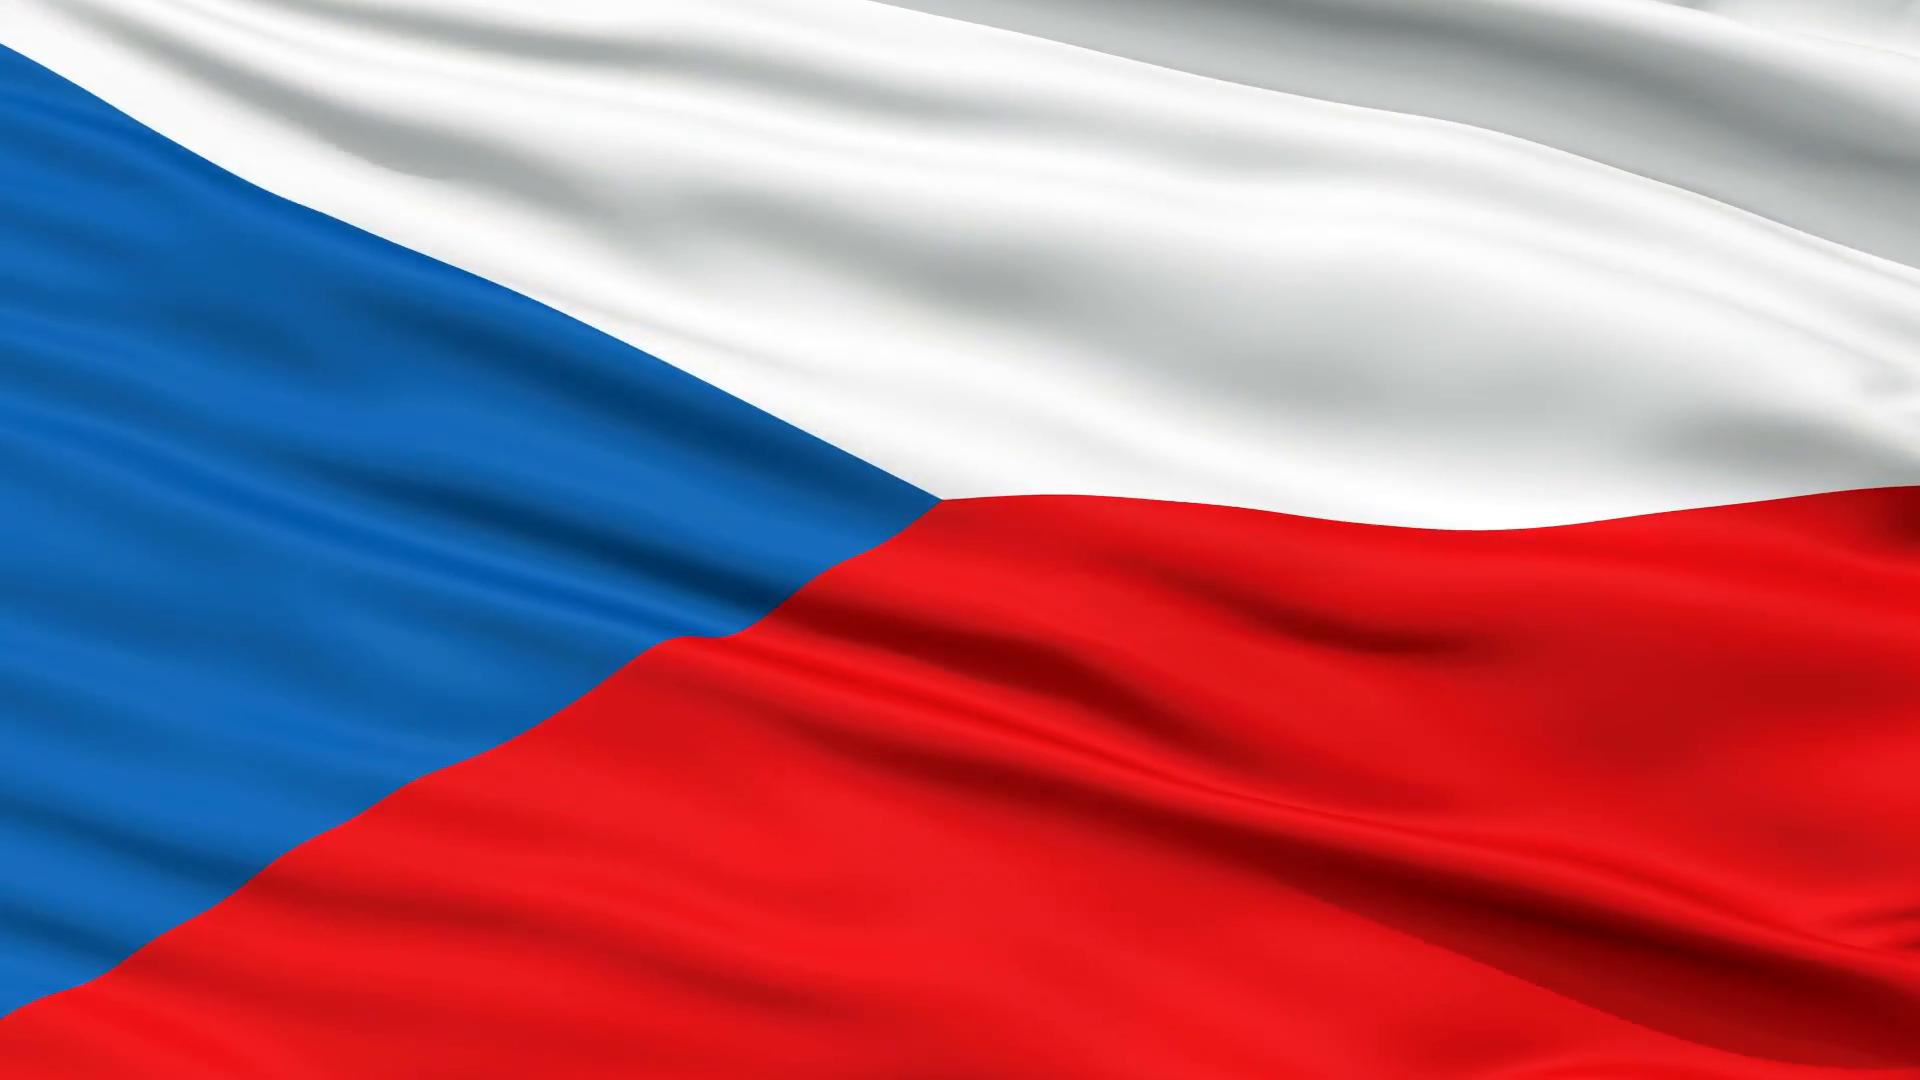 фото флаг чехии много спорить